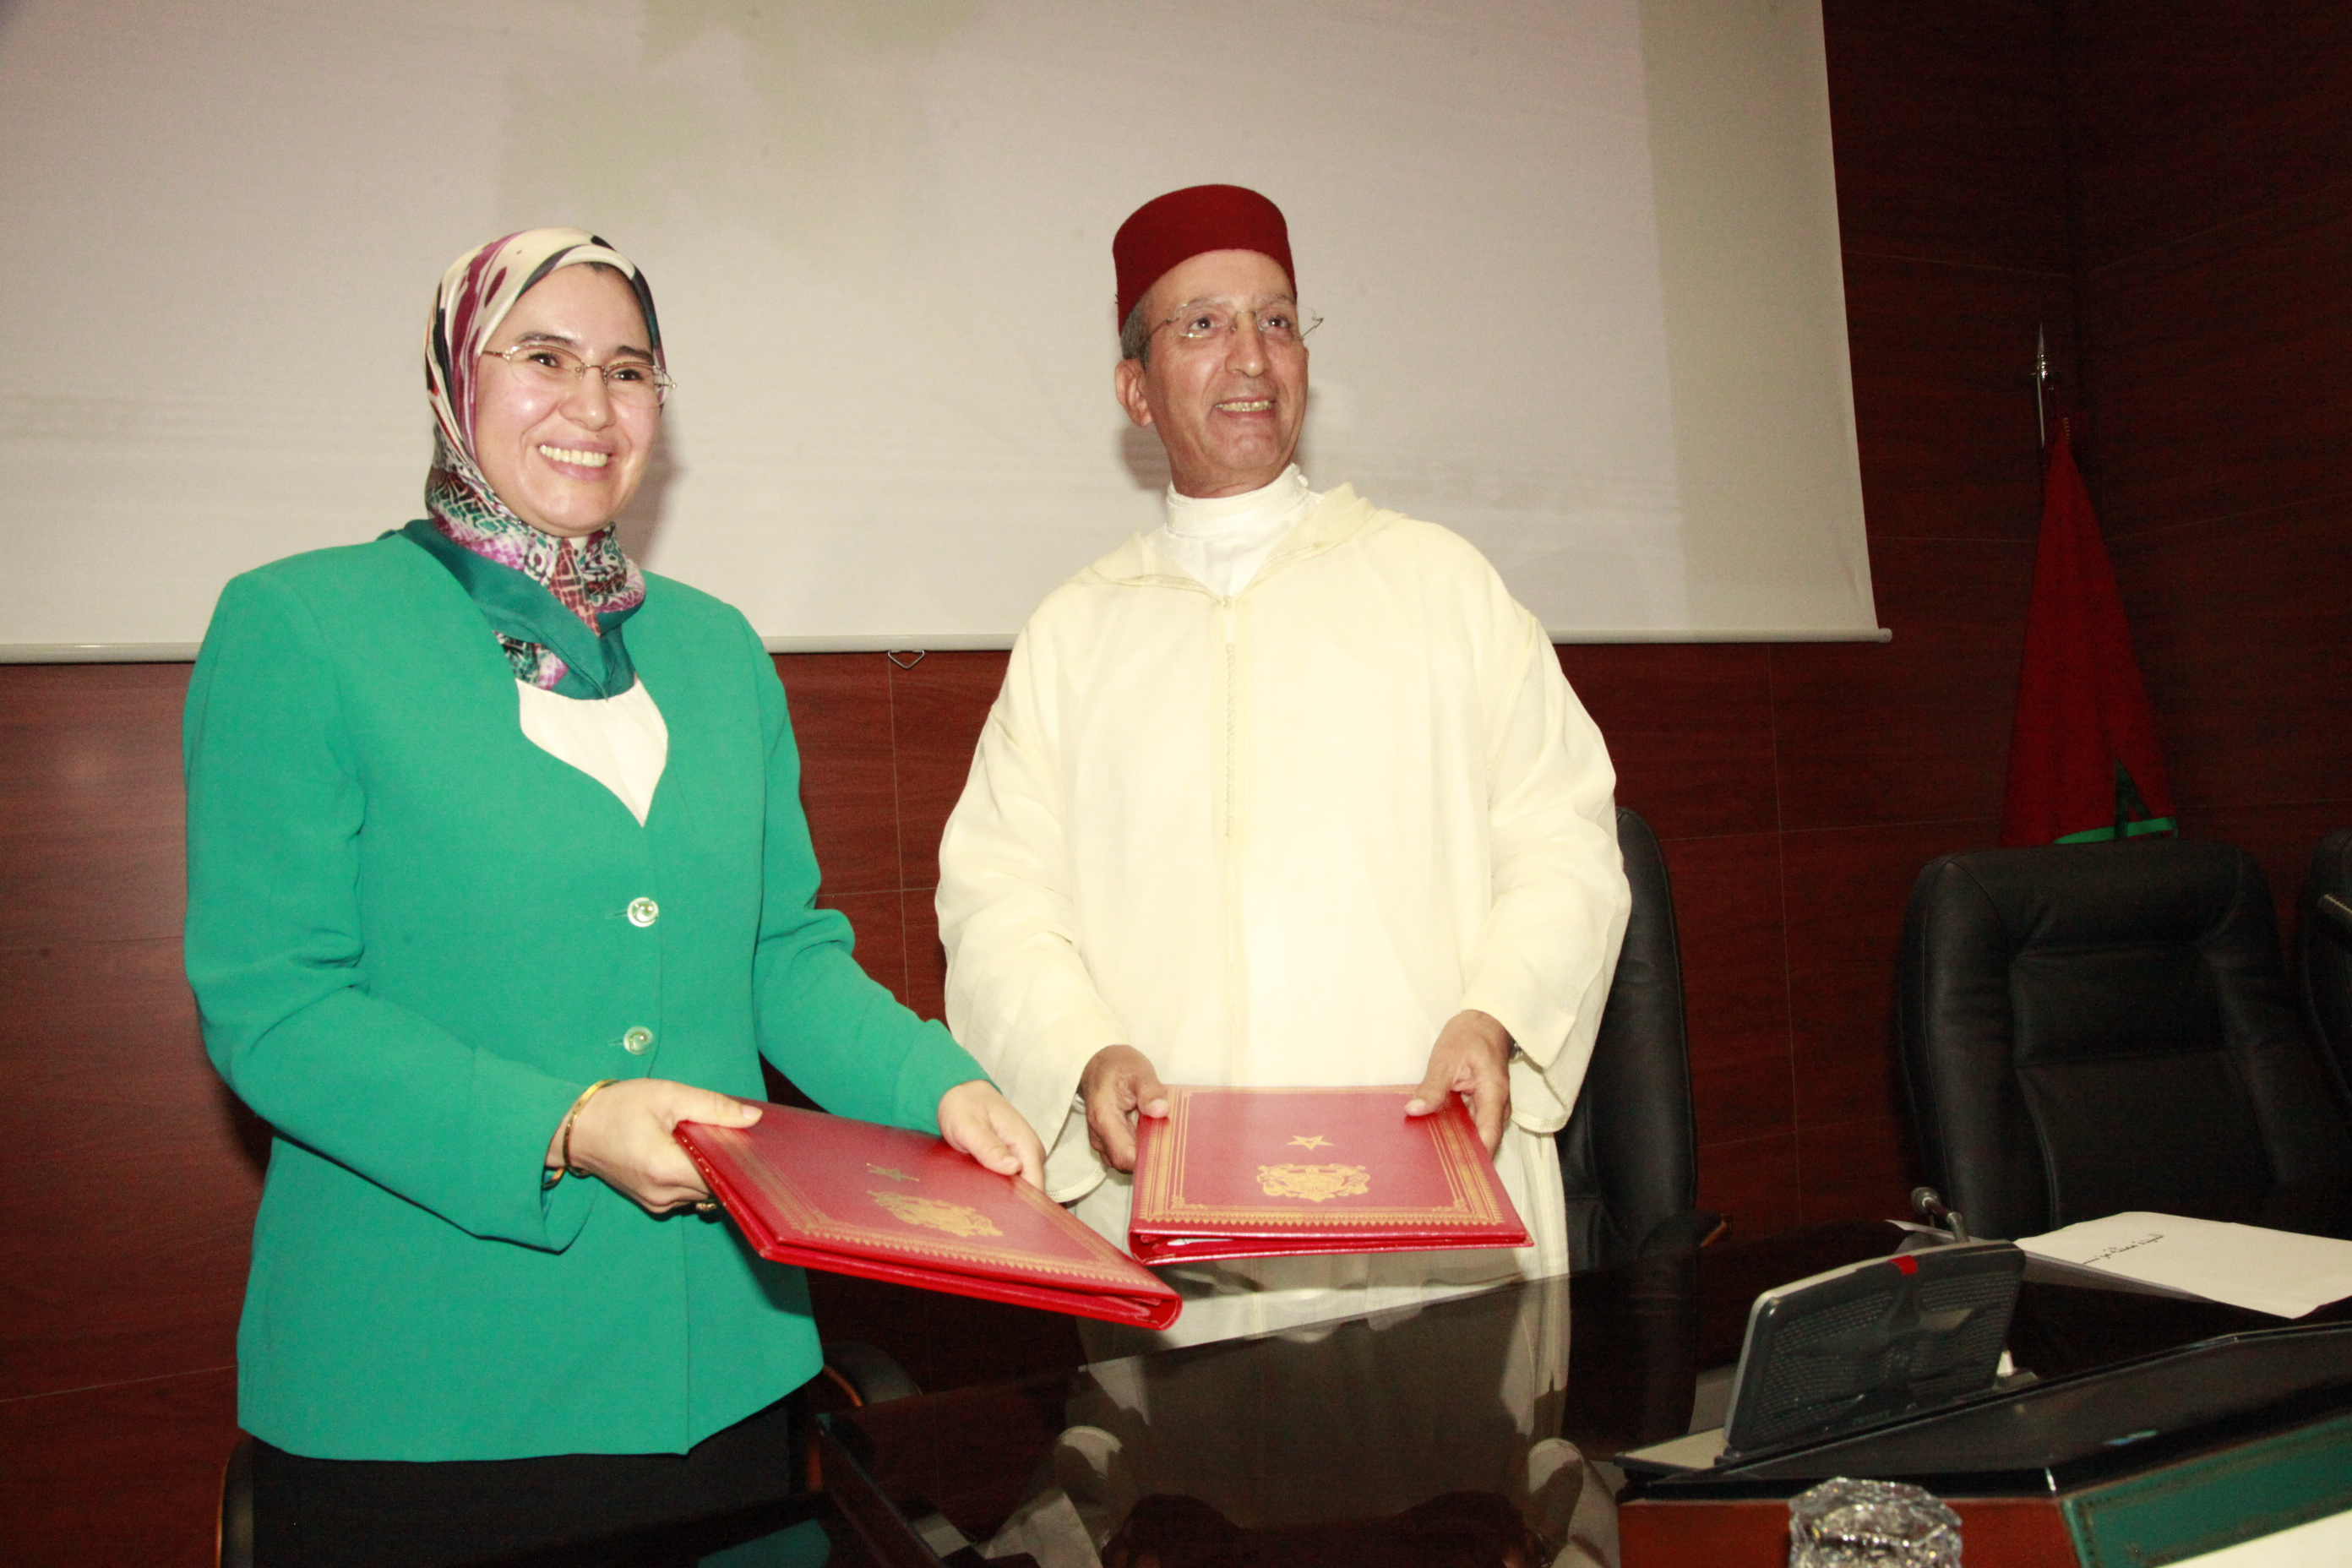 الوزيرة نزهة الوفي توقع اتفاقيات هامة تزامنا مع الاحتفاء باليوم العالمي للبيئة